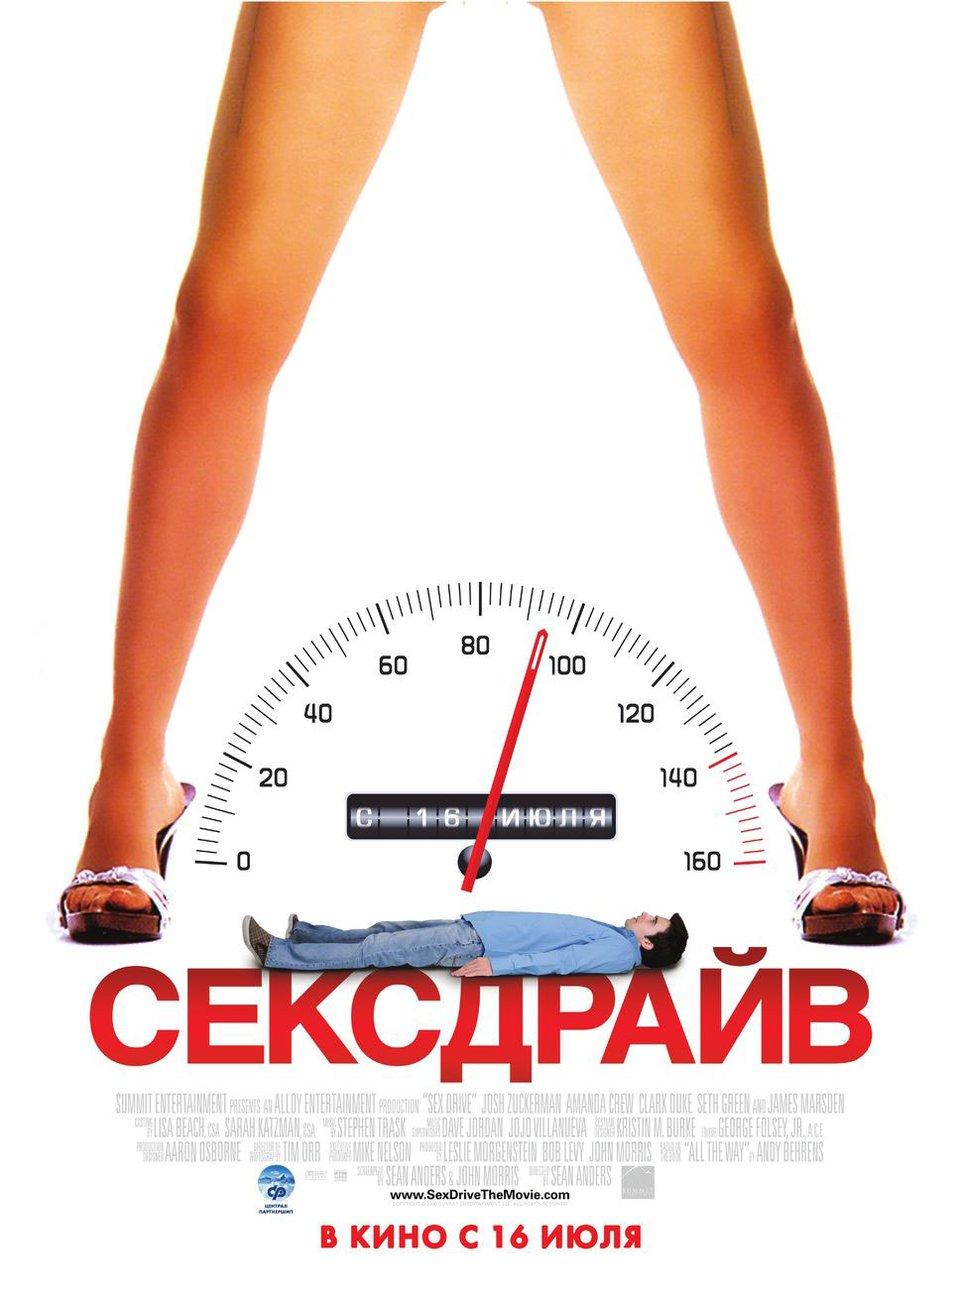 Смотреть Сексдрайв онлайн бесплатно / Sex Drive.